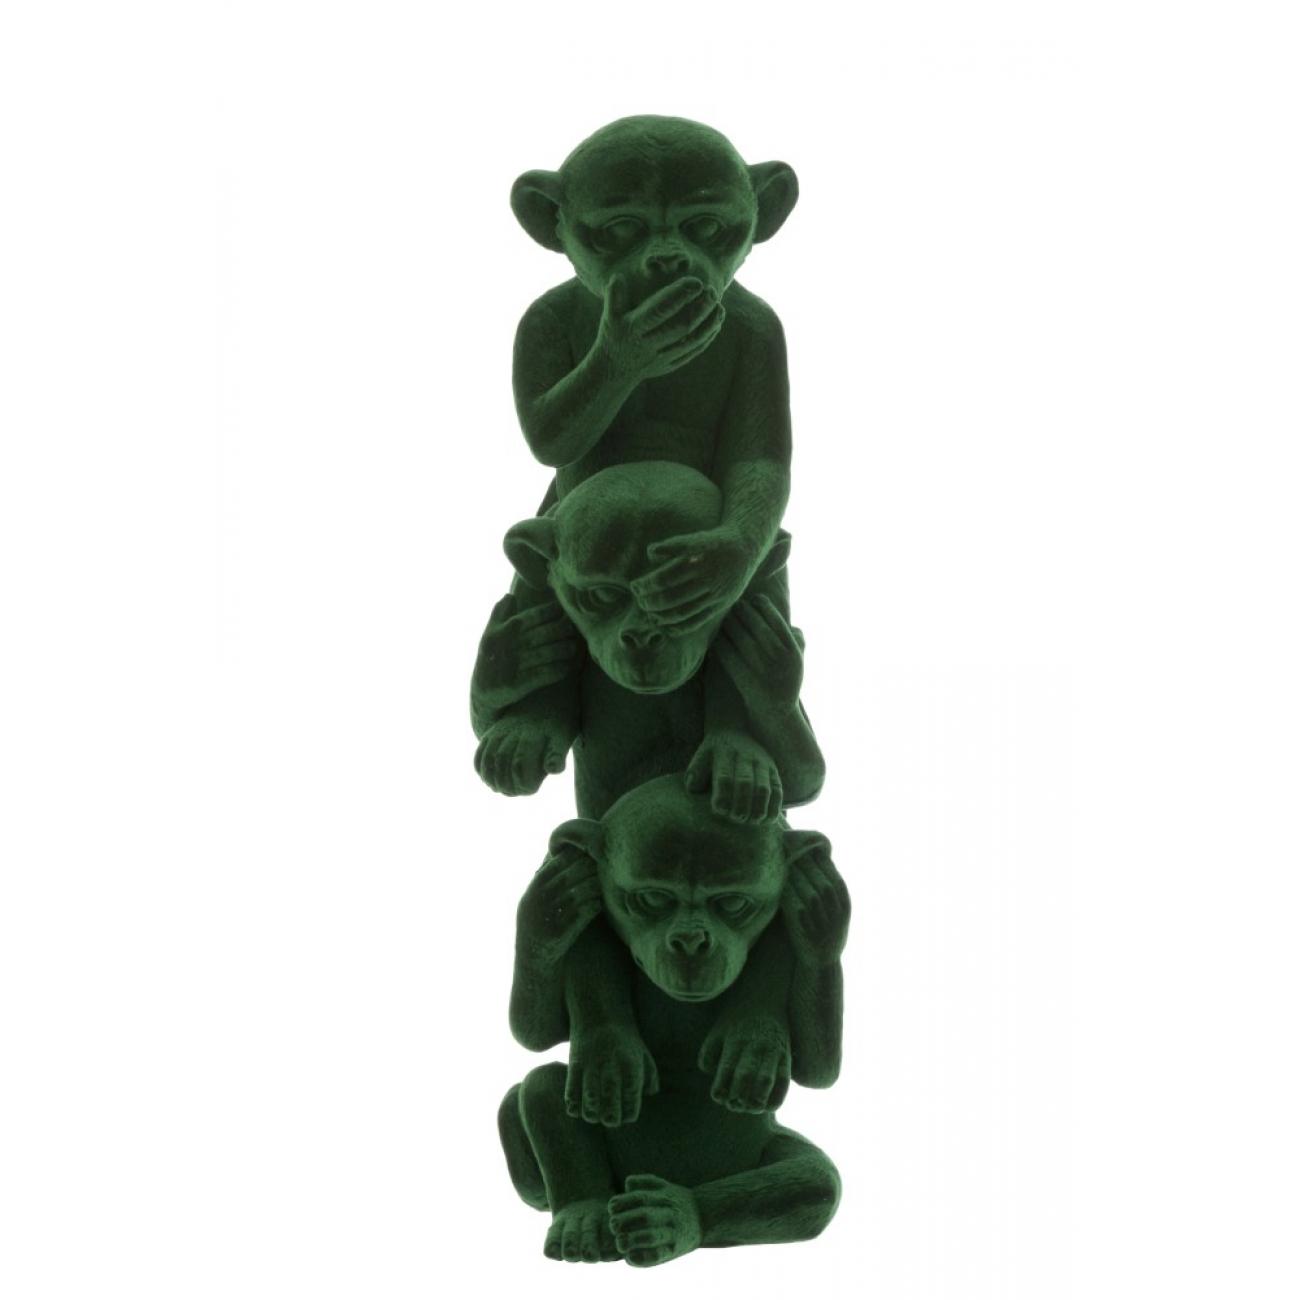 Статуэтка три обезьяны J-LINE не вижу не слышу не говорю высота 30 см зеленого цвета